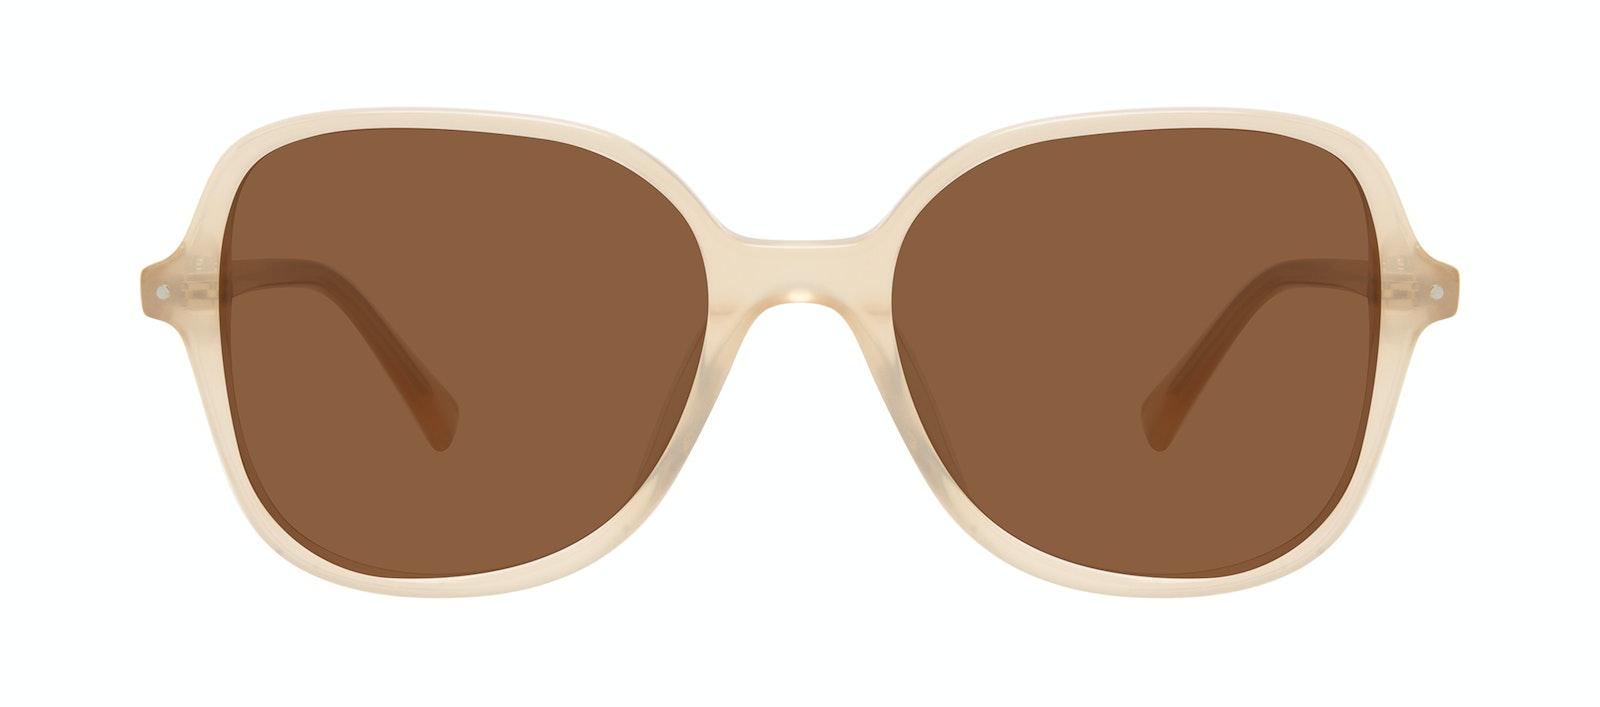 Affordable Fashion Glasses Square Sunglasses Women Scene Peach Front